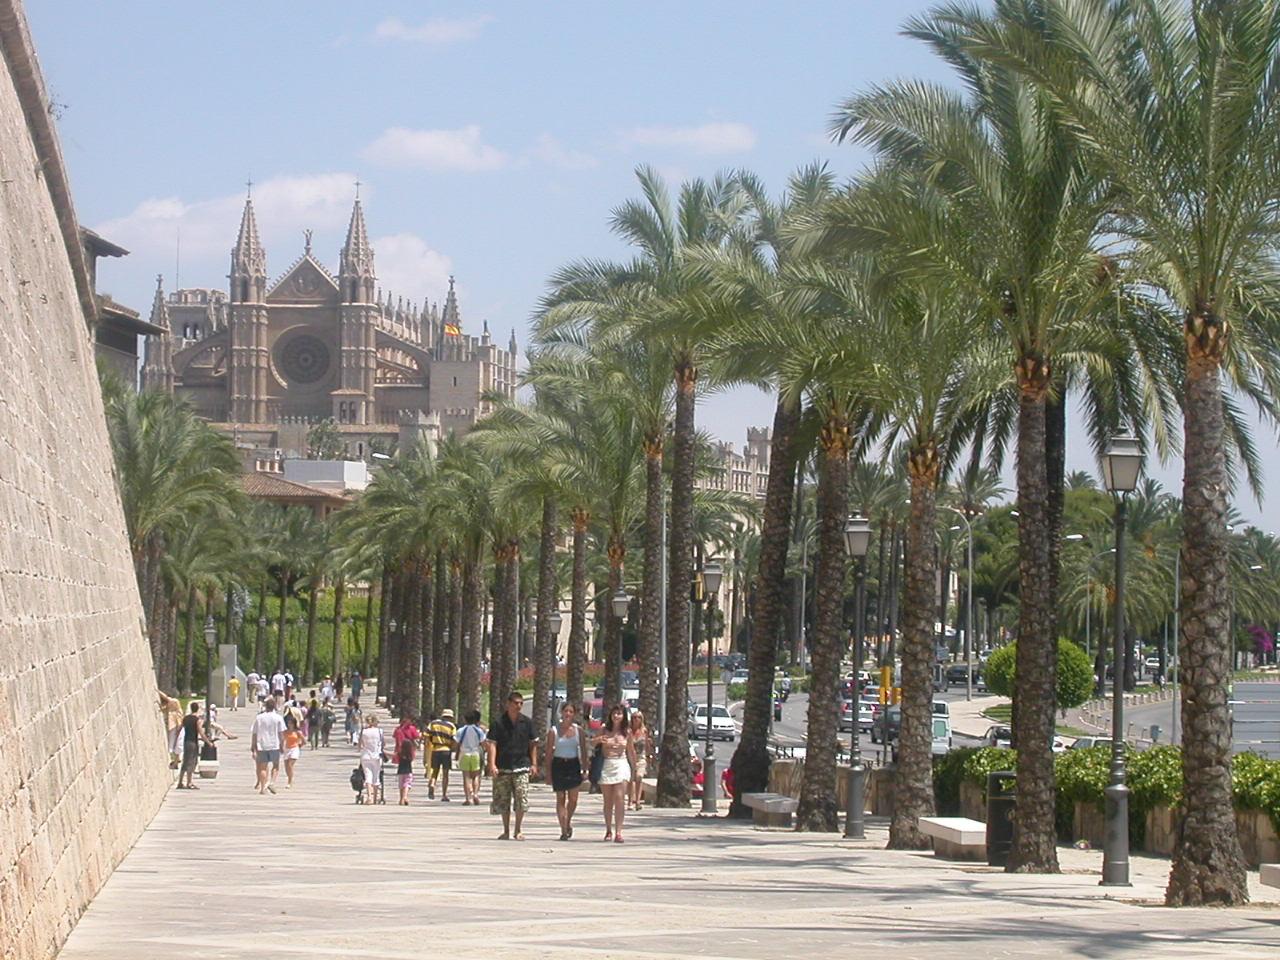 Palma de mallorca spain travel guide exotic travel - Muebles baratos palma de mallorca ...